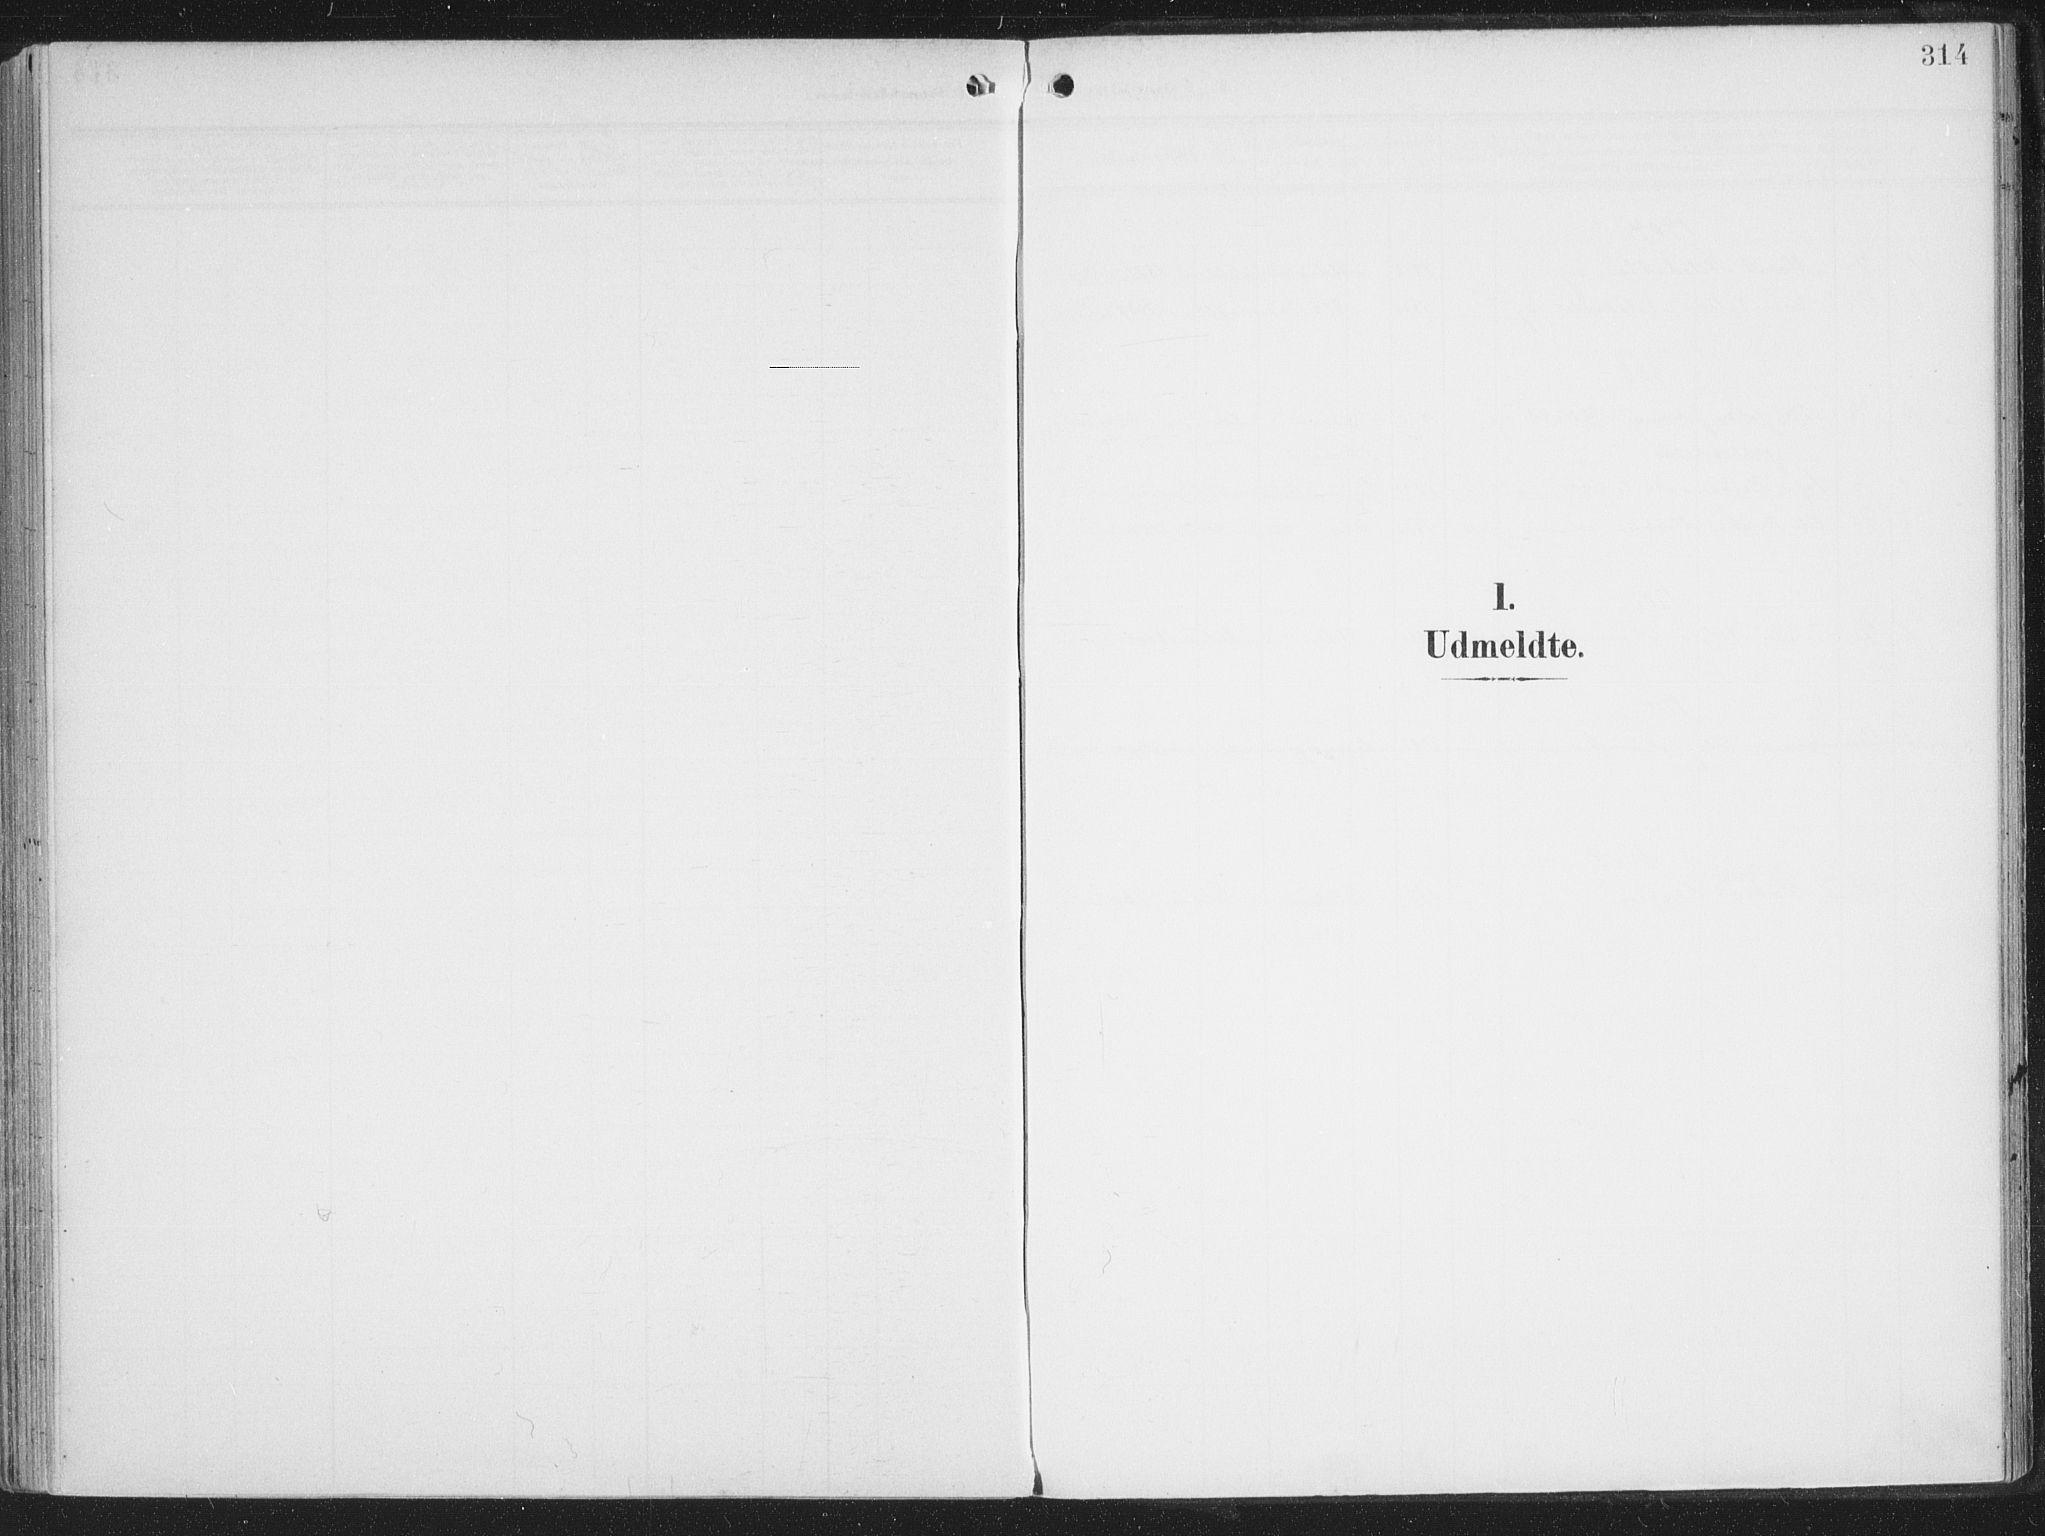 SATØ, Alta sokneprestkontor, H/Ha/L0005.kirke: Ministerialbok nr. 5, 1904-1918, s. 314